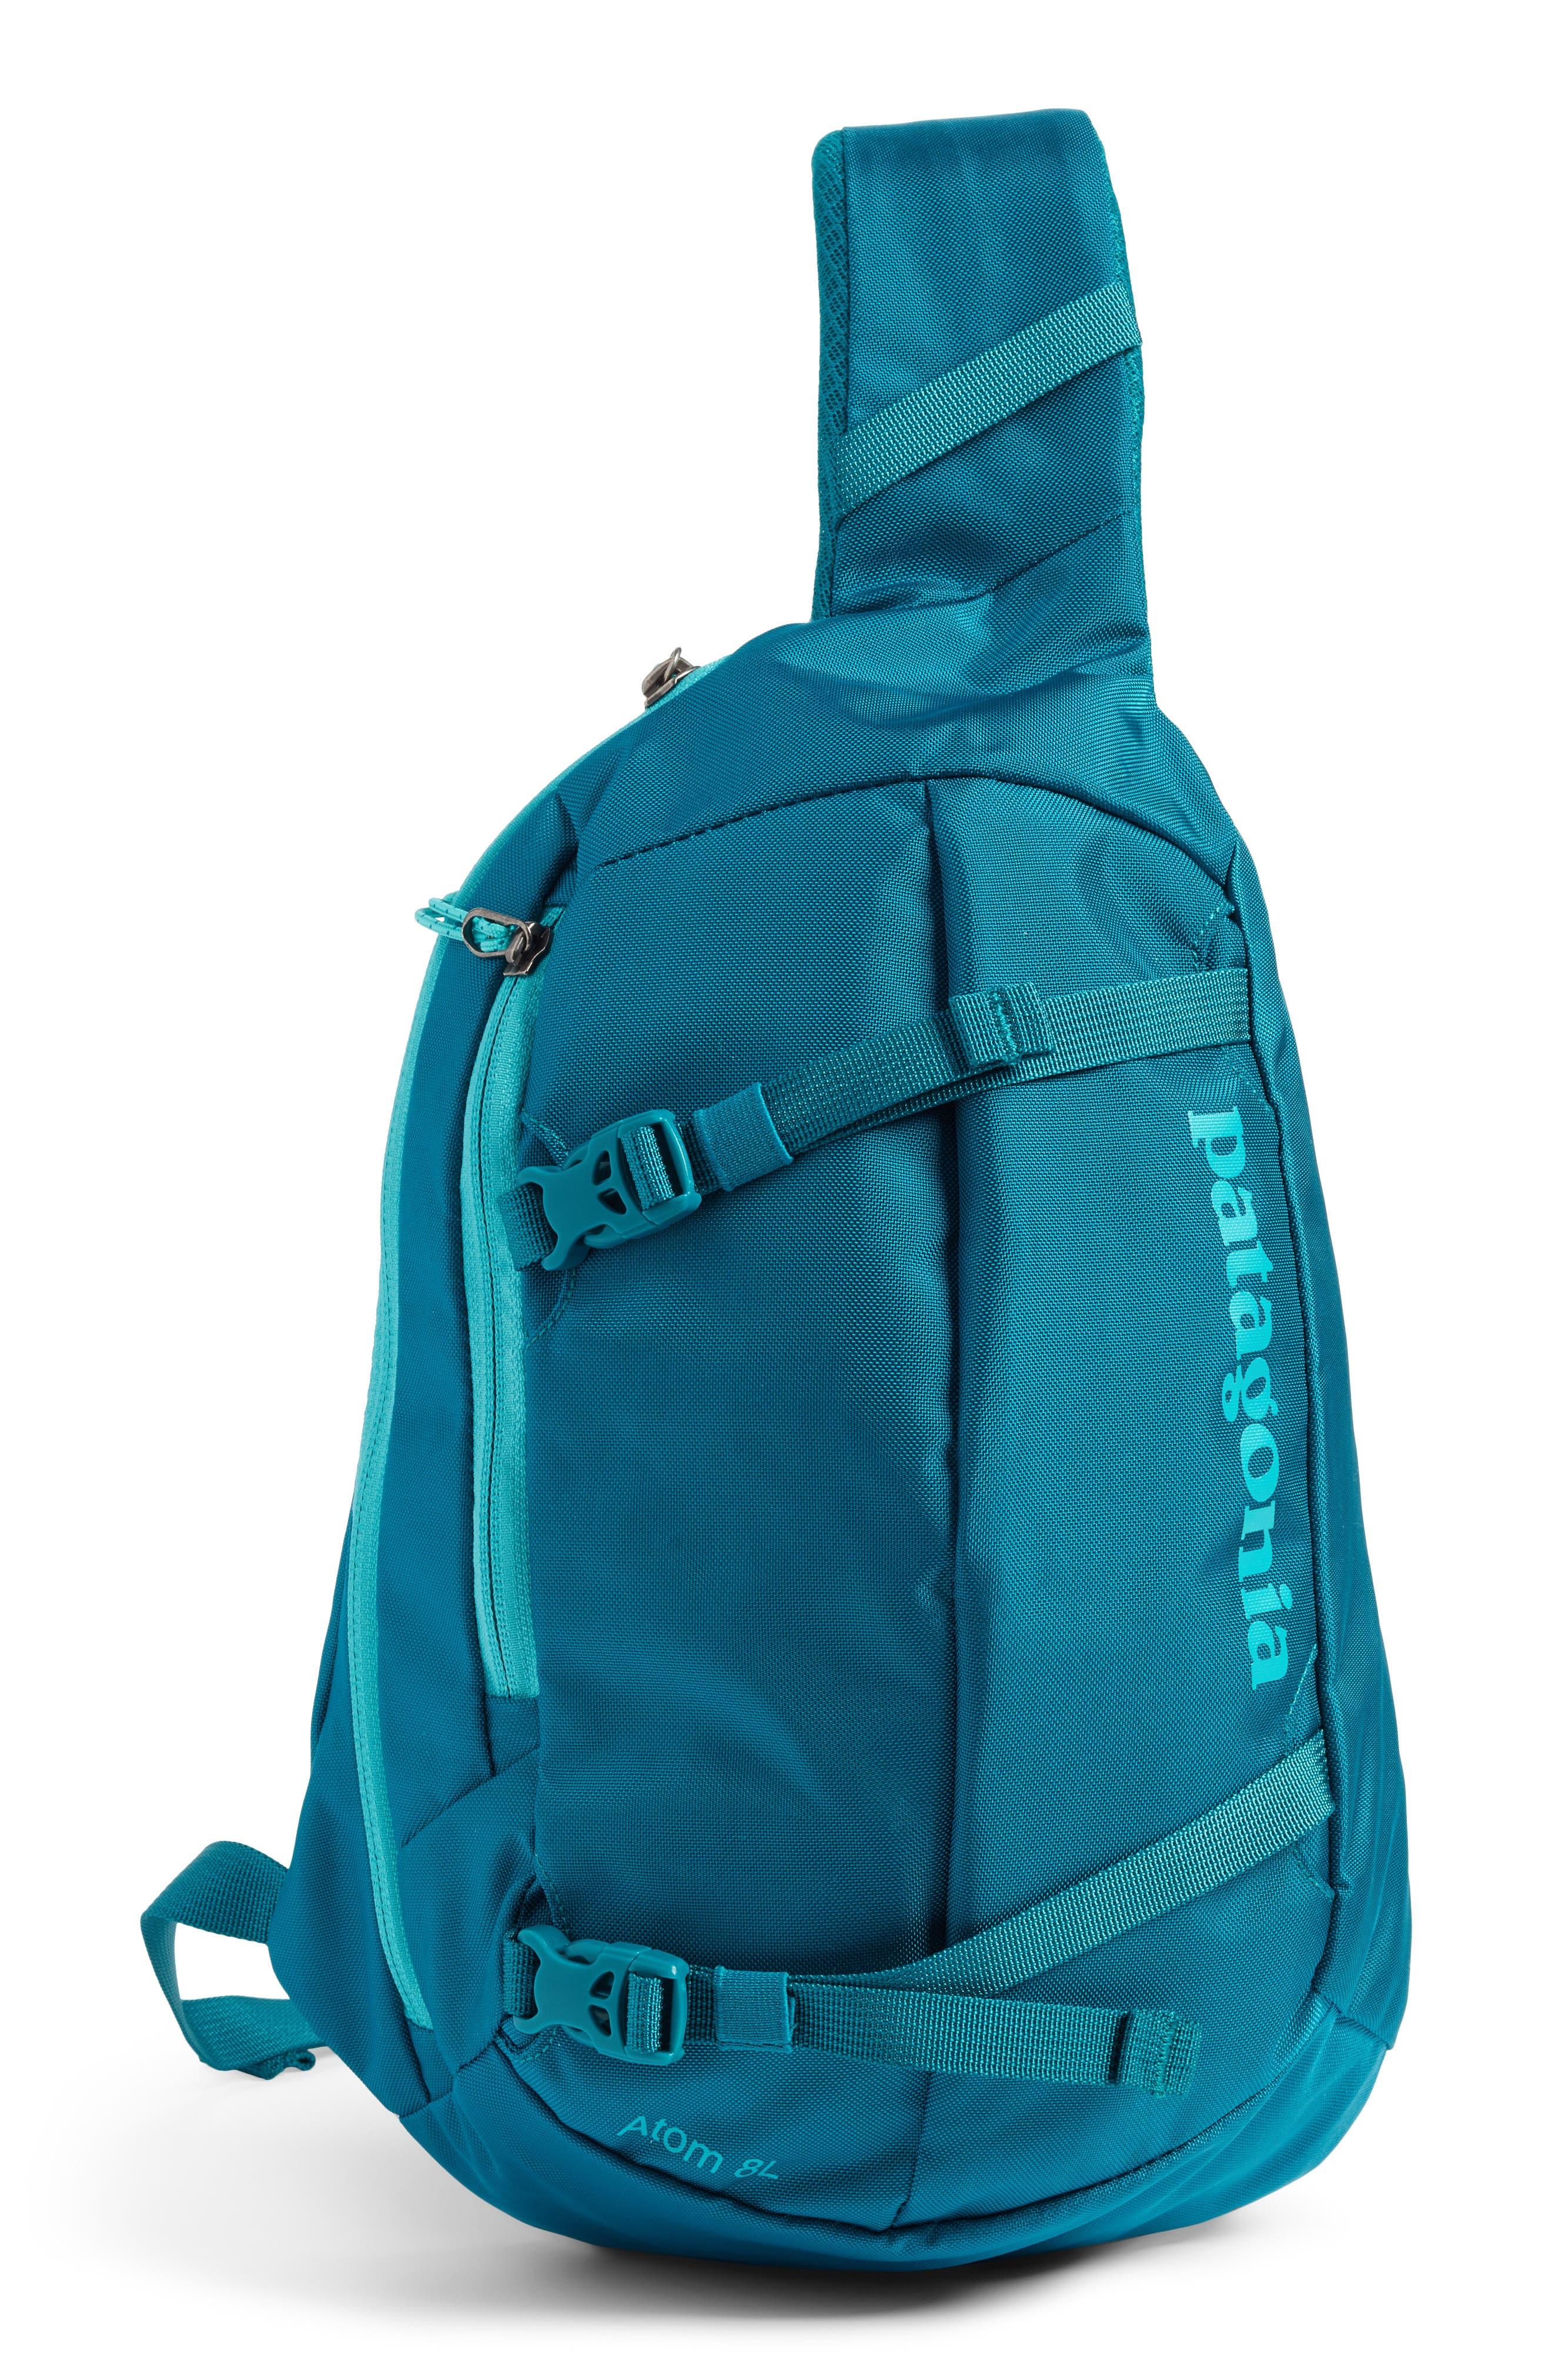 Atom 8L Sling Backpack,                         Main,                         color, Elwha Blue